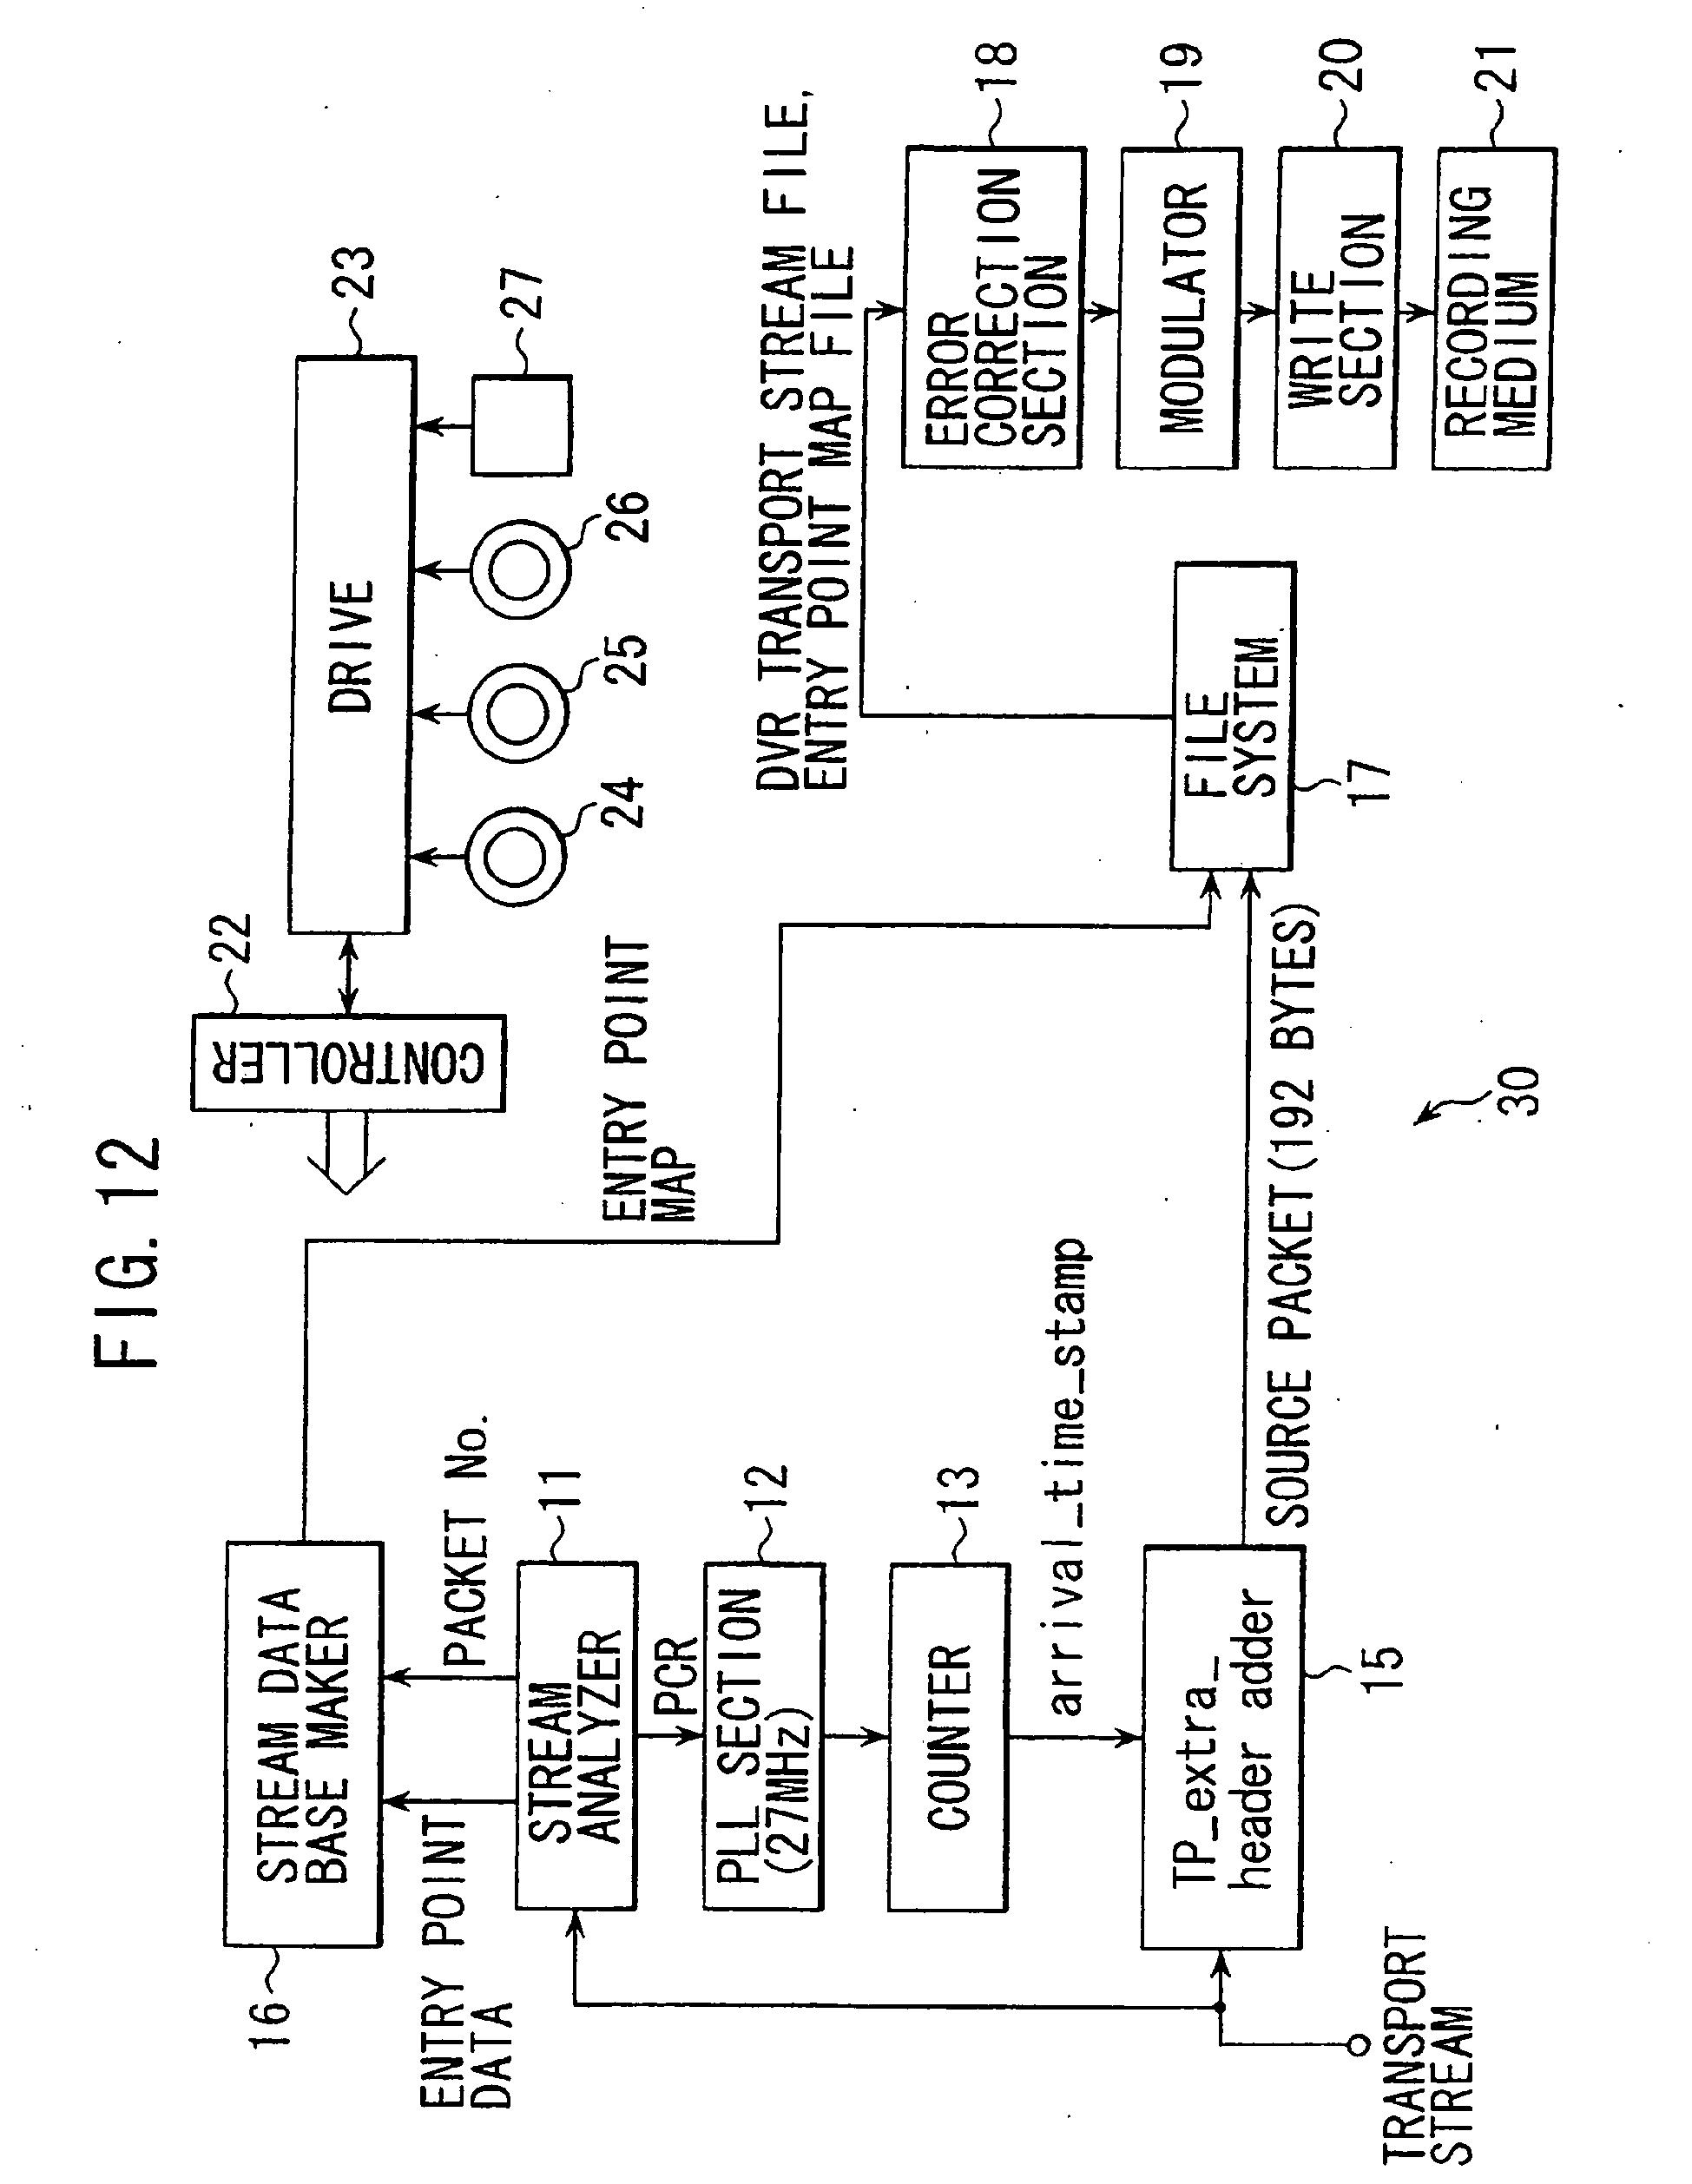 patent ep1089571b1 eine transportstromaufnahmevorrichtung ein verfahren dazu eine. Black Bedroom Furniture Sets. Home Design Ideas